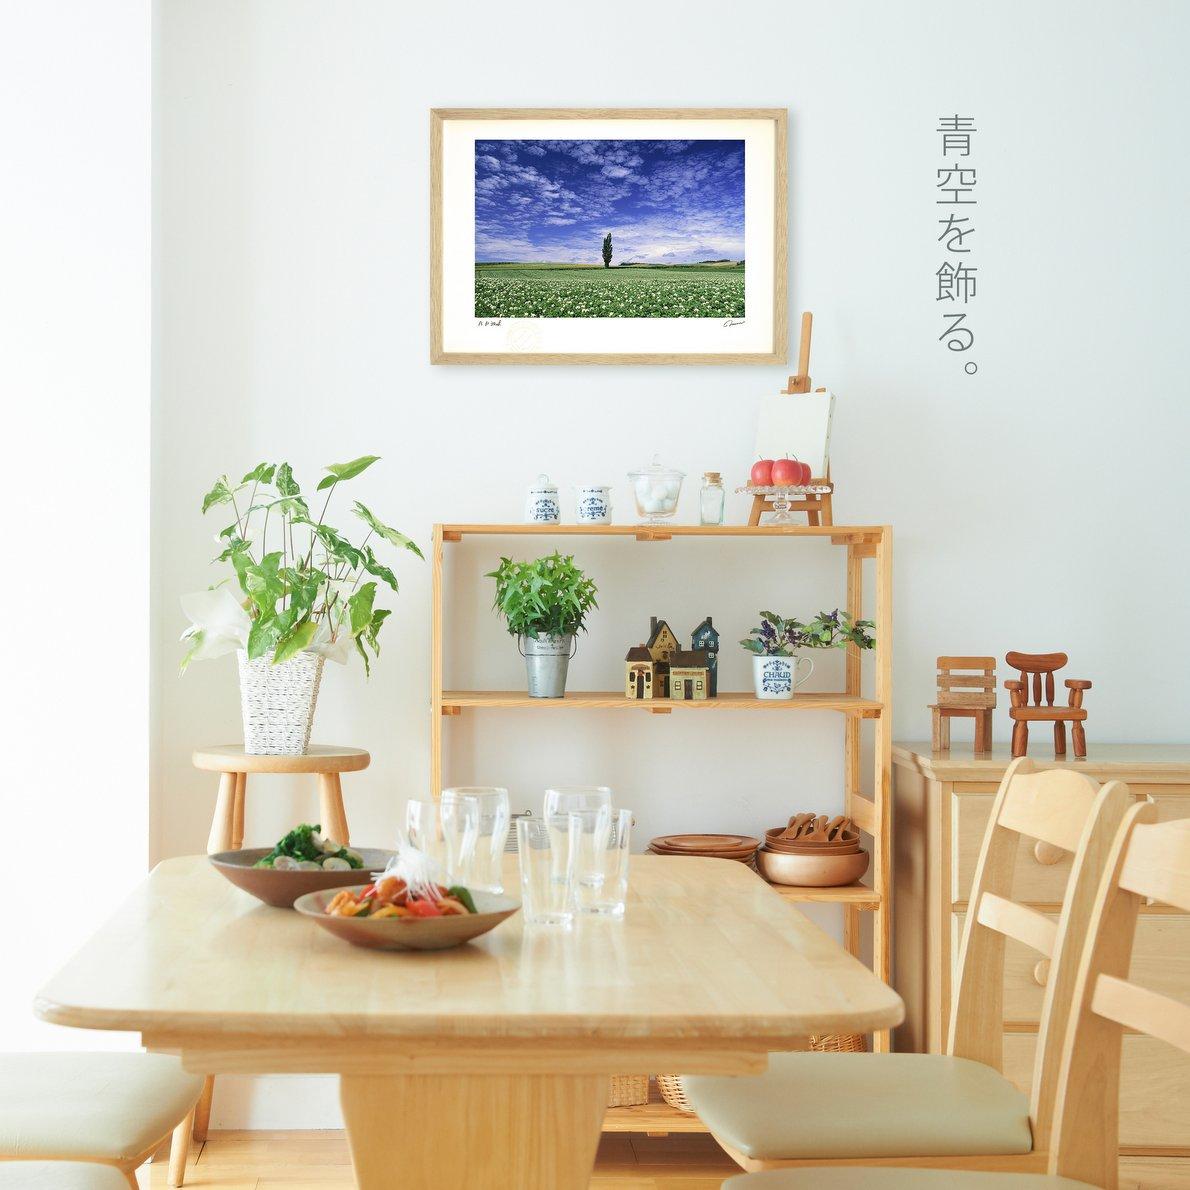 《アートフォト》漆の紅葉5/新得町〔富良野・高橋真澄〕(レンタル対象)